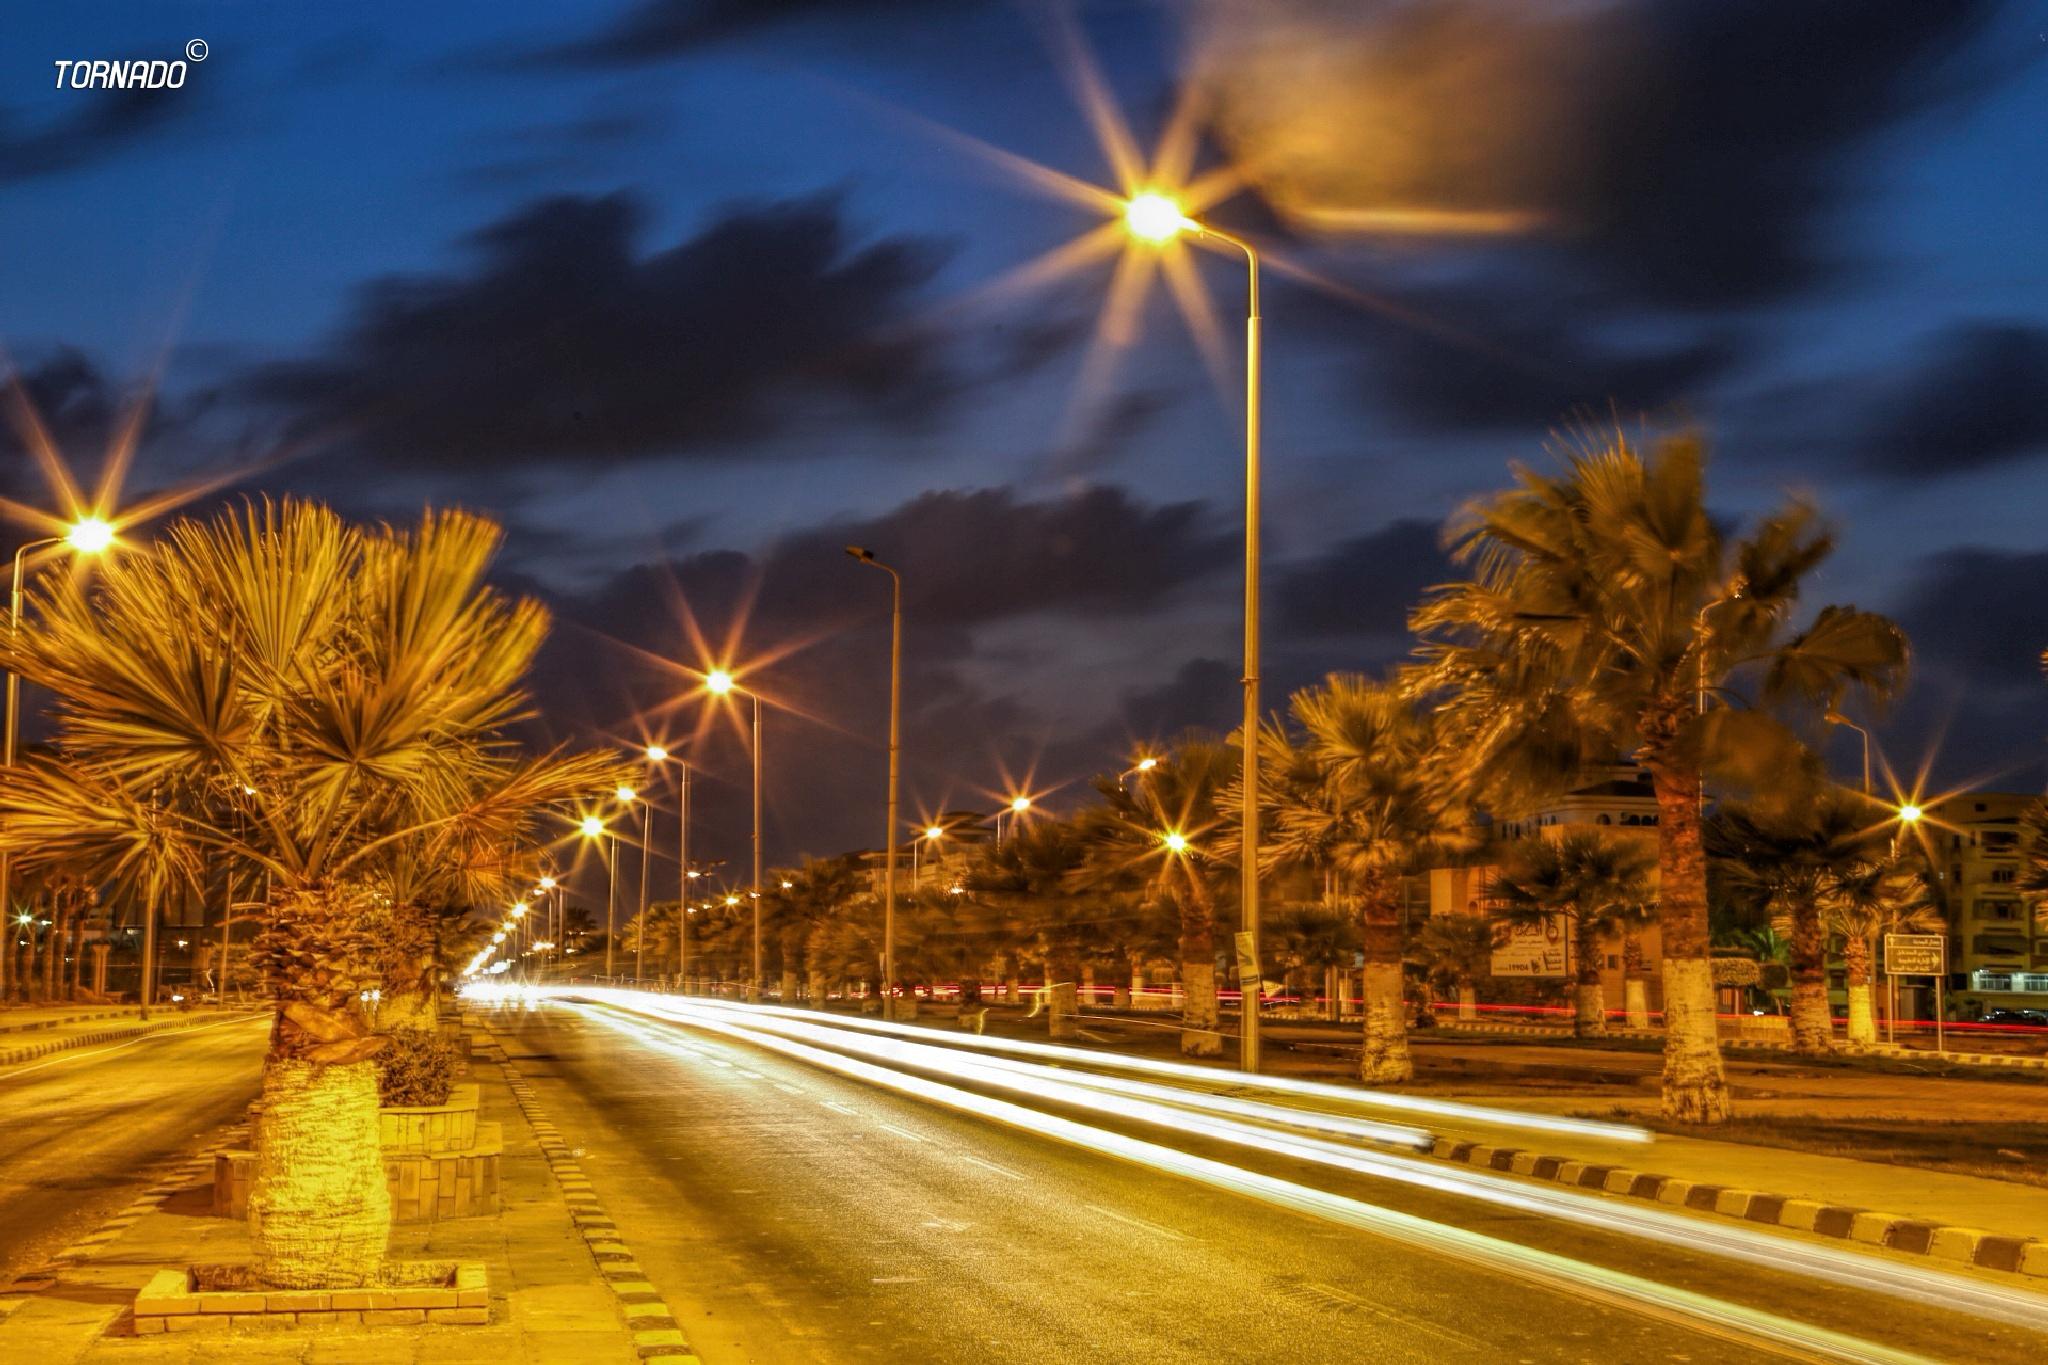 My town <3 basic road by MaHmuoð Ŧørnaðø